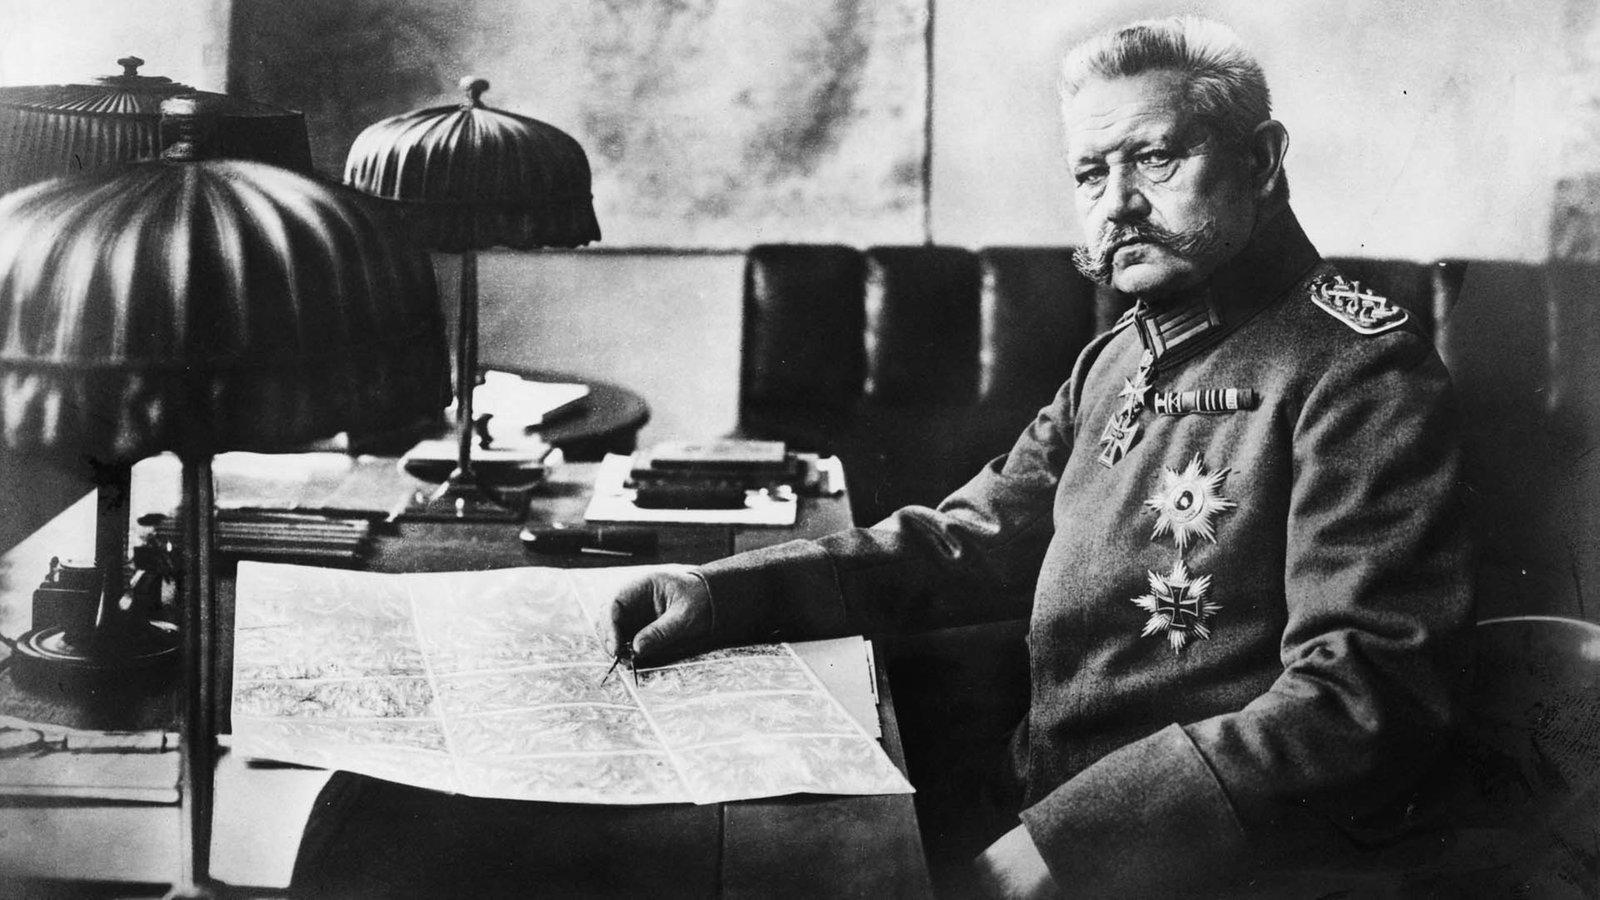 Wann Ist Hitler An Die Macht Gekommen